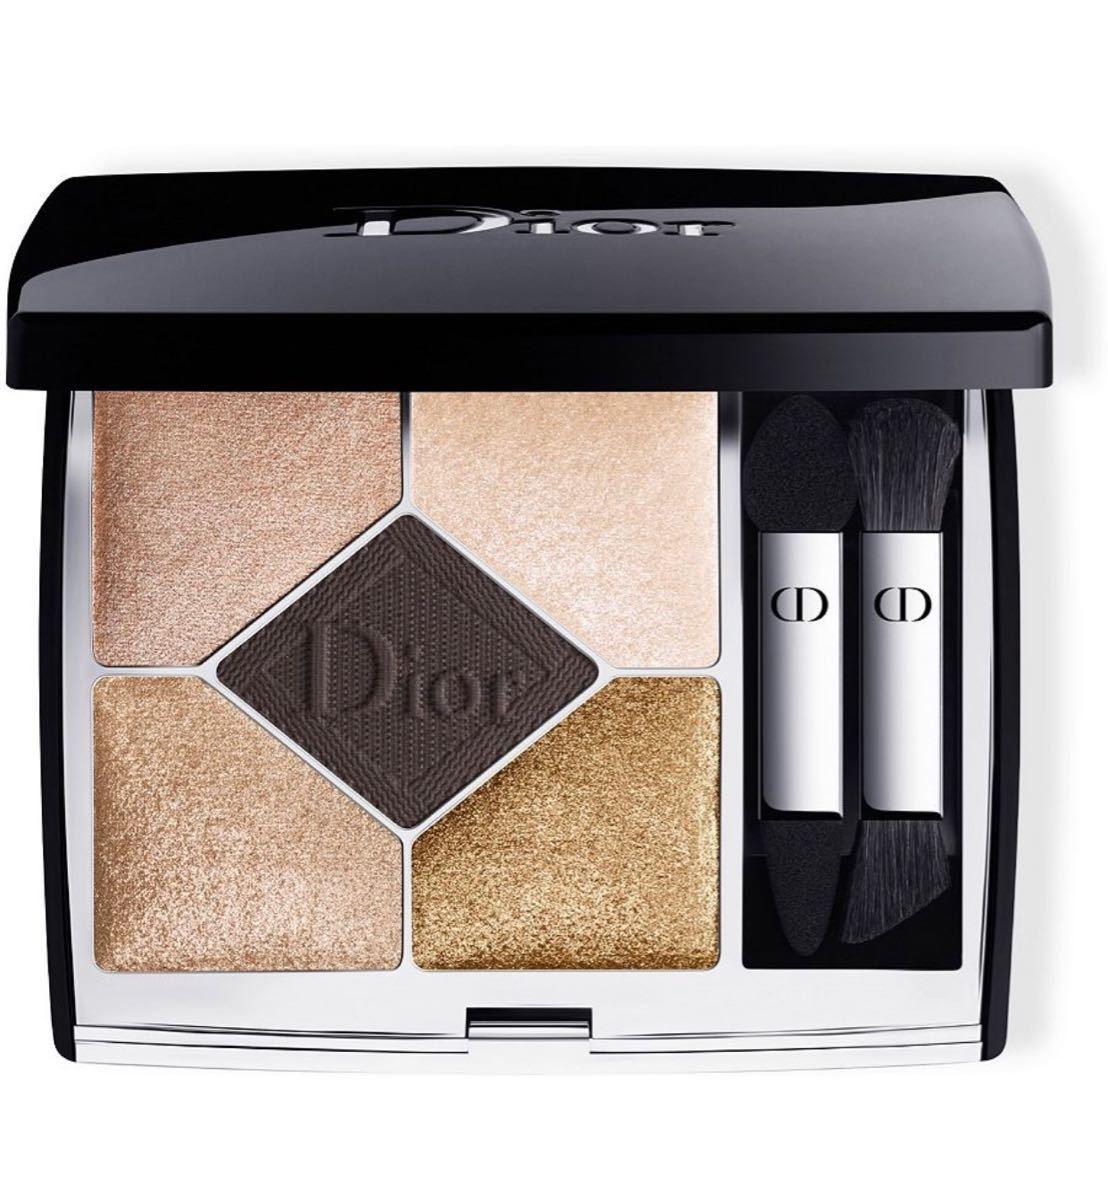 新品 Dior サンク クルール クチュール アイシャドウパレット539